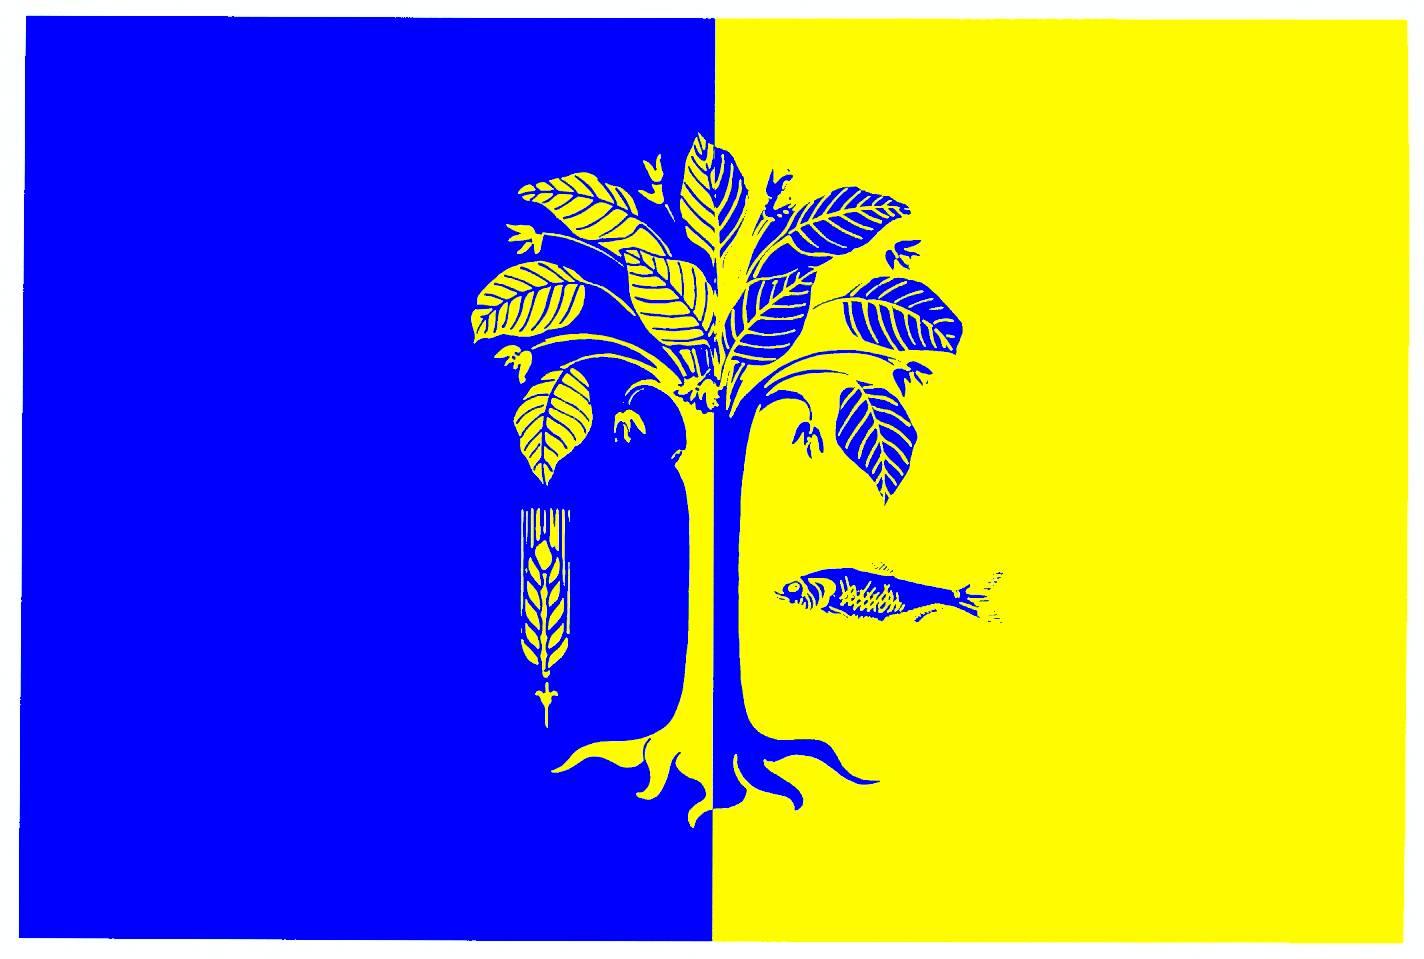 Flagge GemeindeWaabs, Kreis Rendsburg-Eckernförde